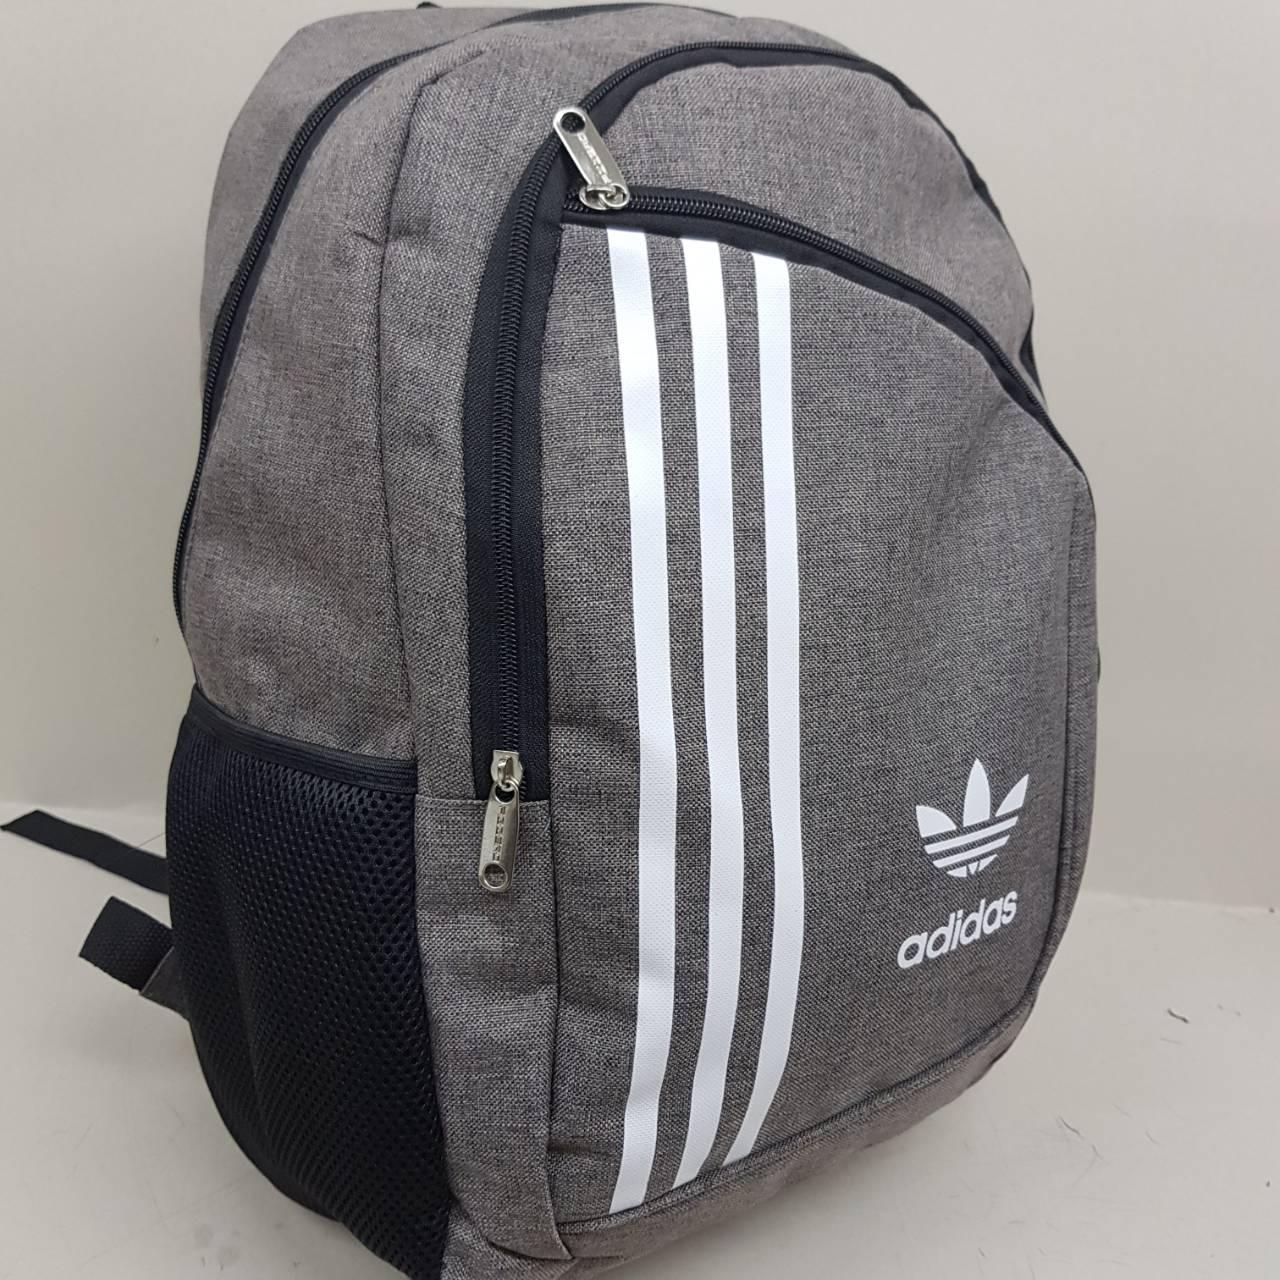 8cddb014b33e Спортивный городской рюкзак Adidas темно серый на два отделения Адидас  мужской женский